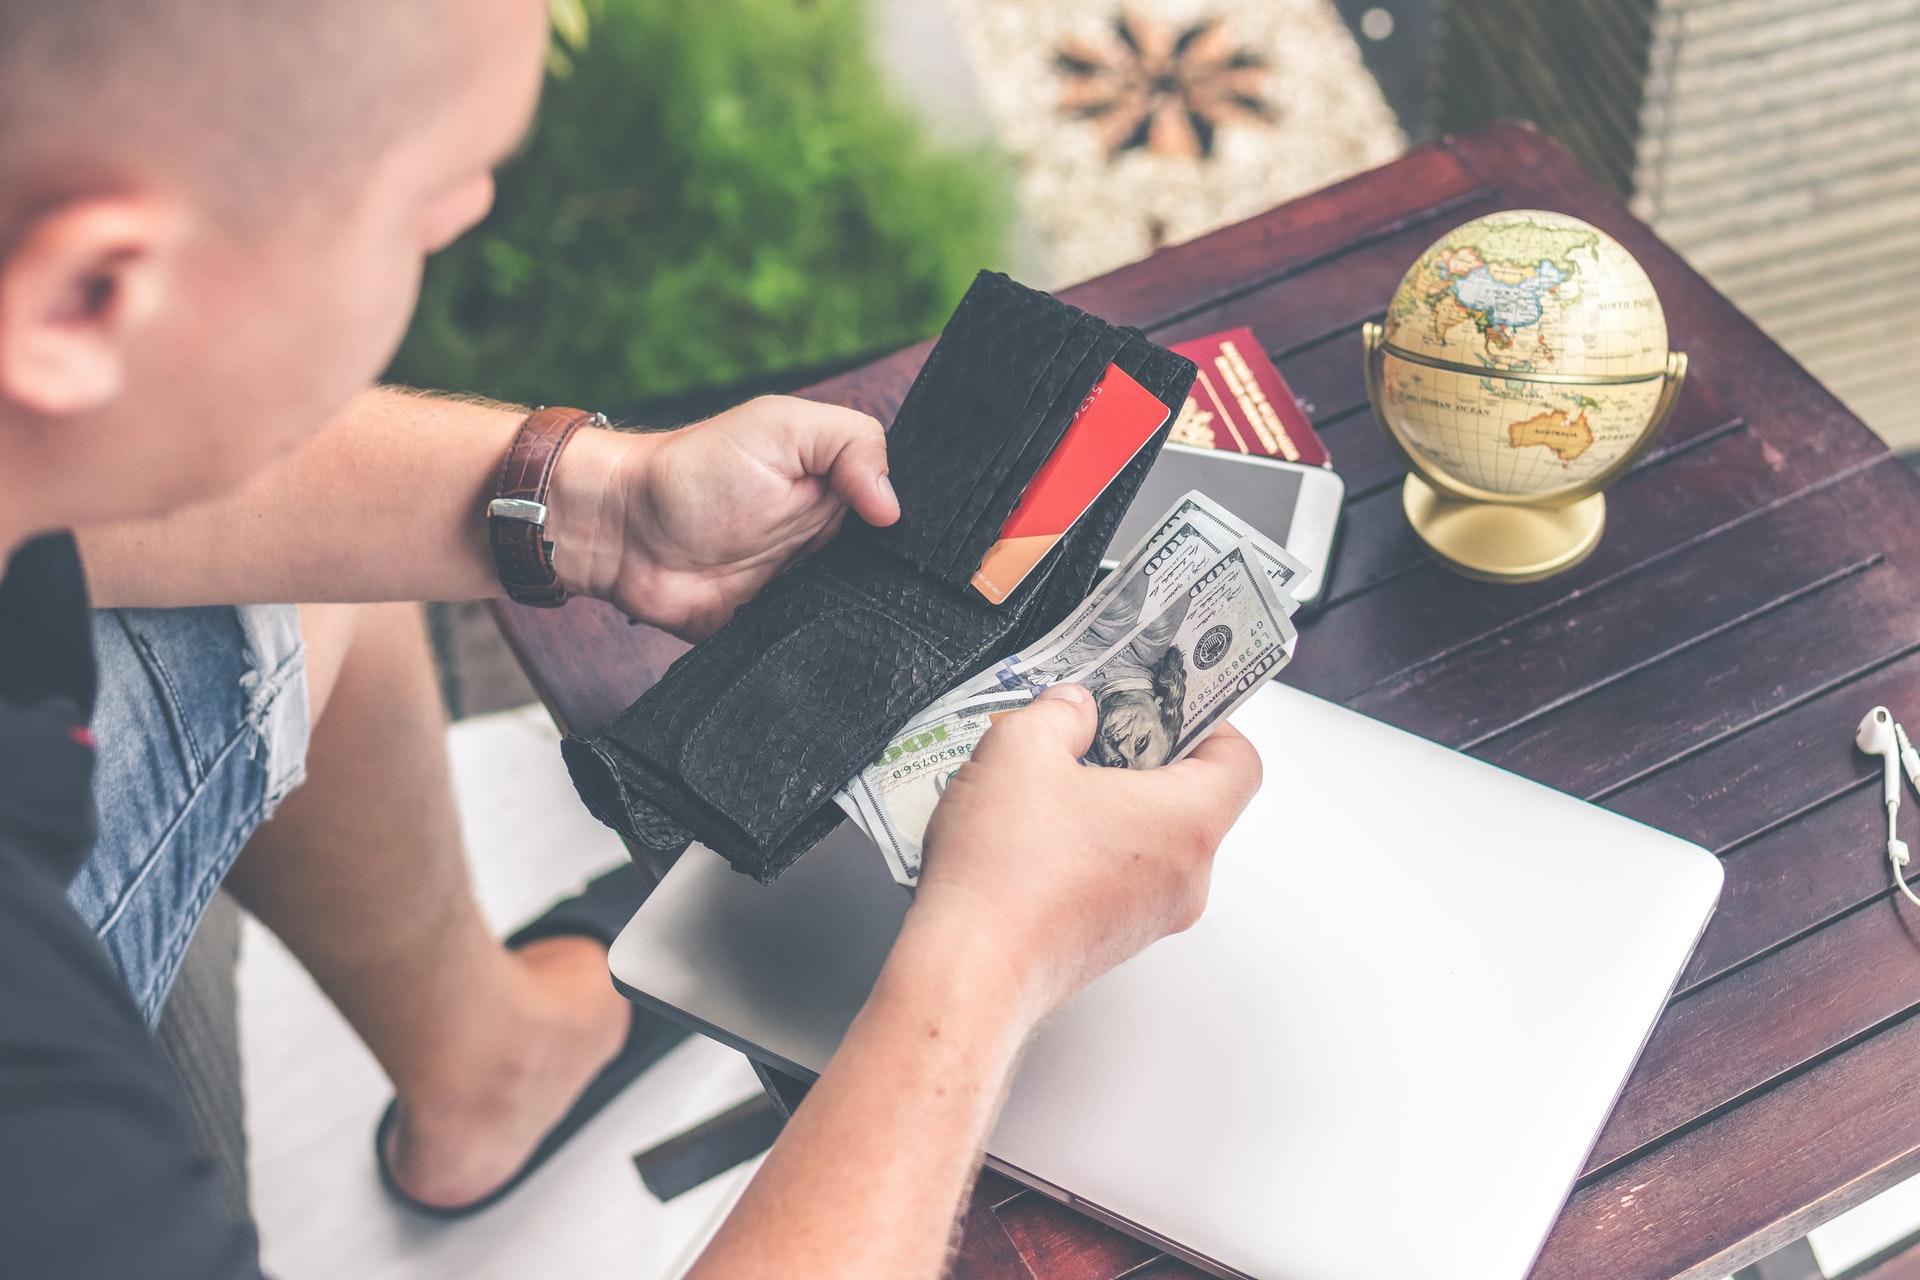 Ez money loans inc picture 10